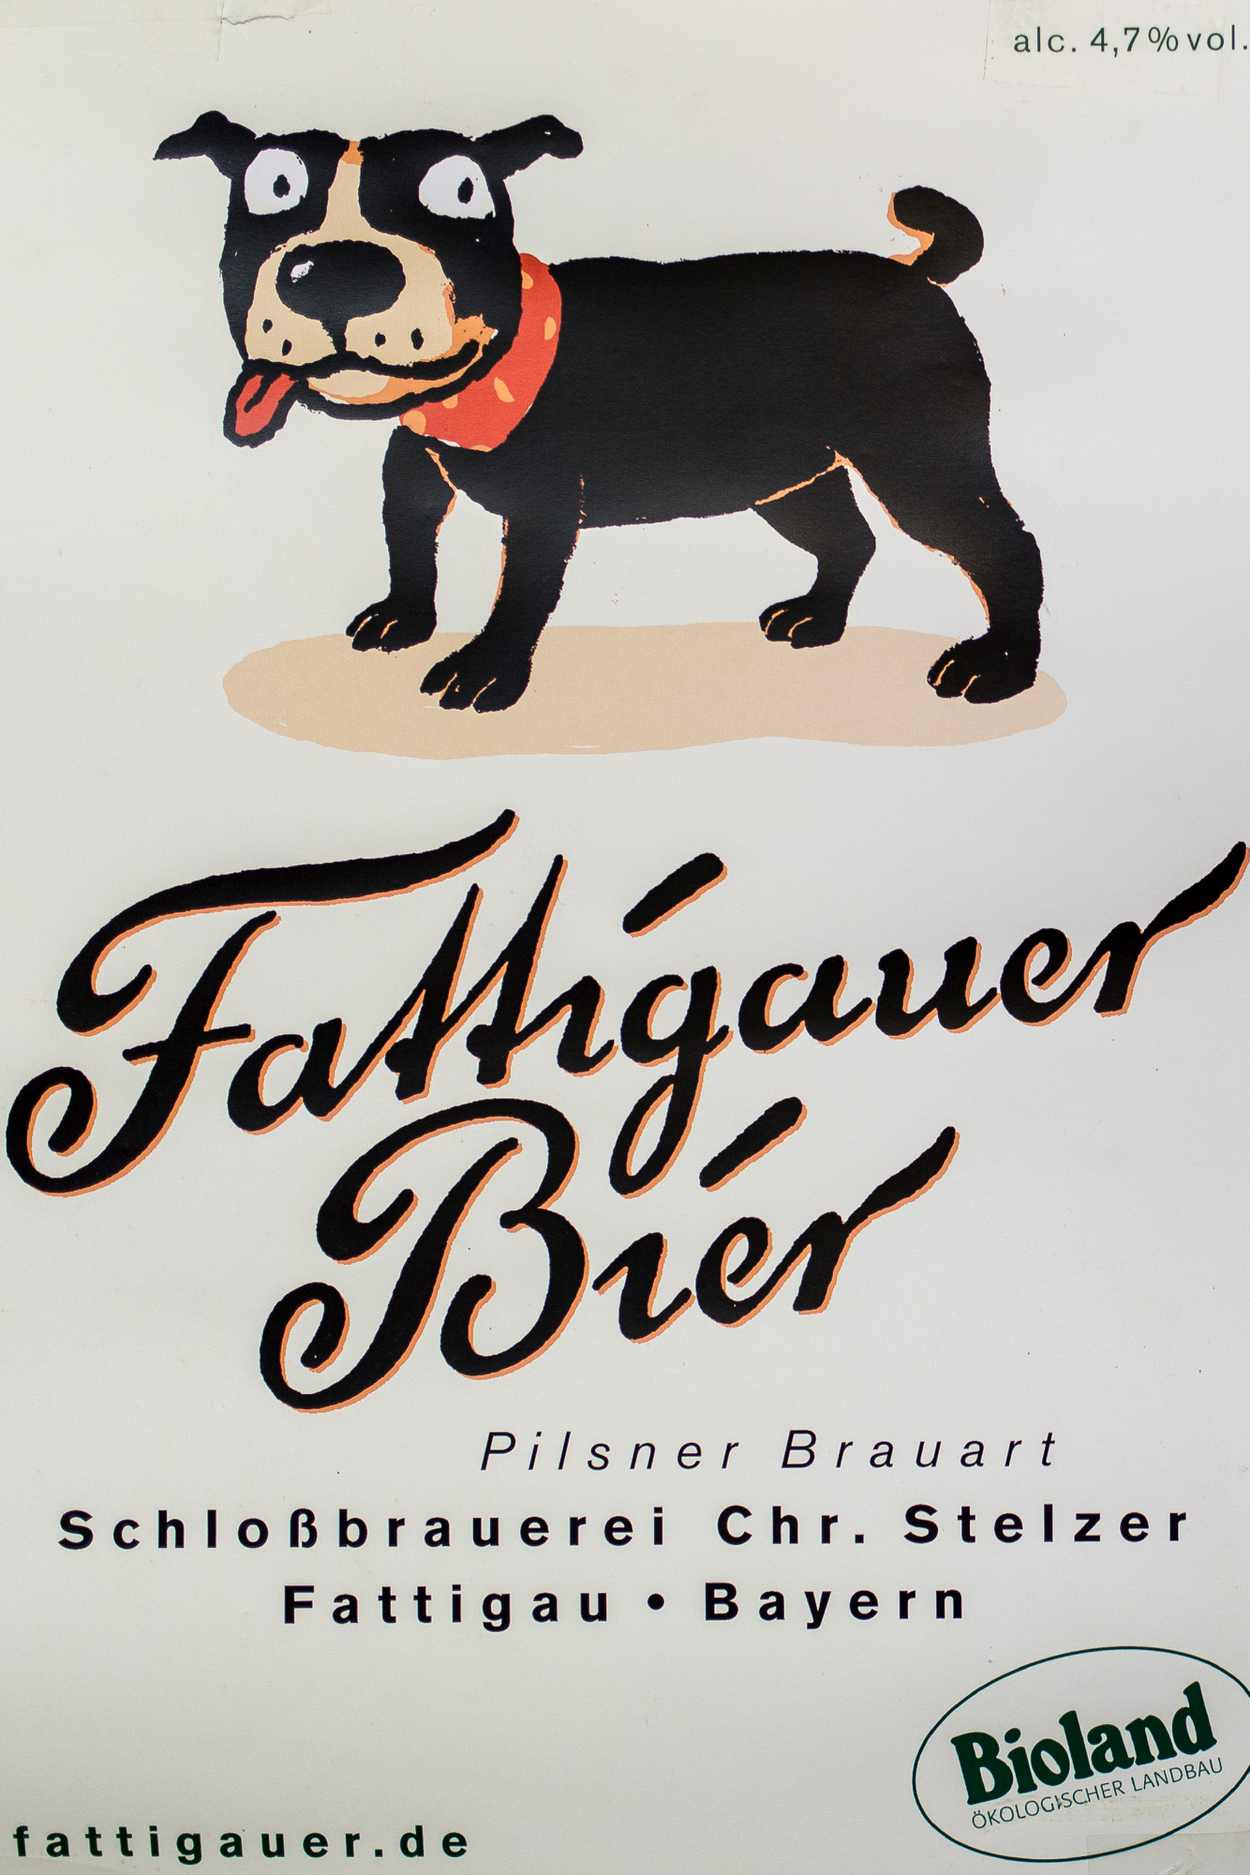 Das Etikett wurde gestaltet und illustriert von Thomas Matthaeus Müller.